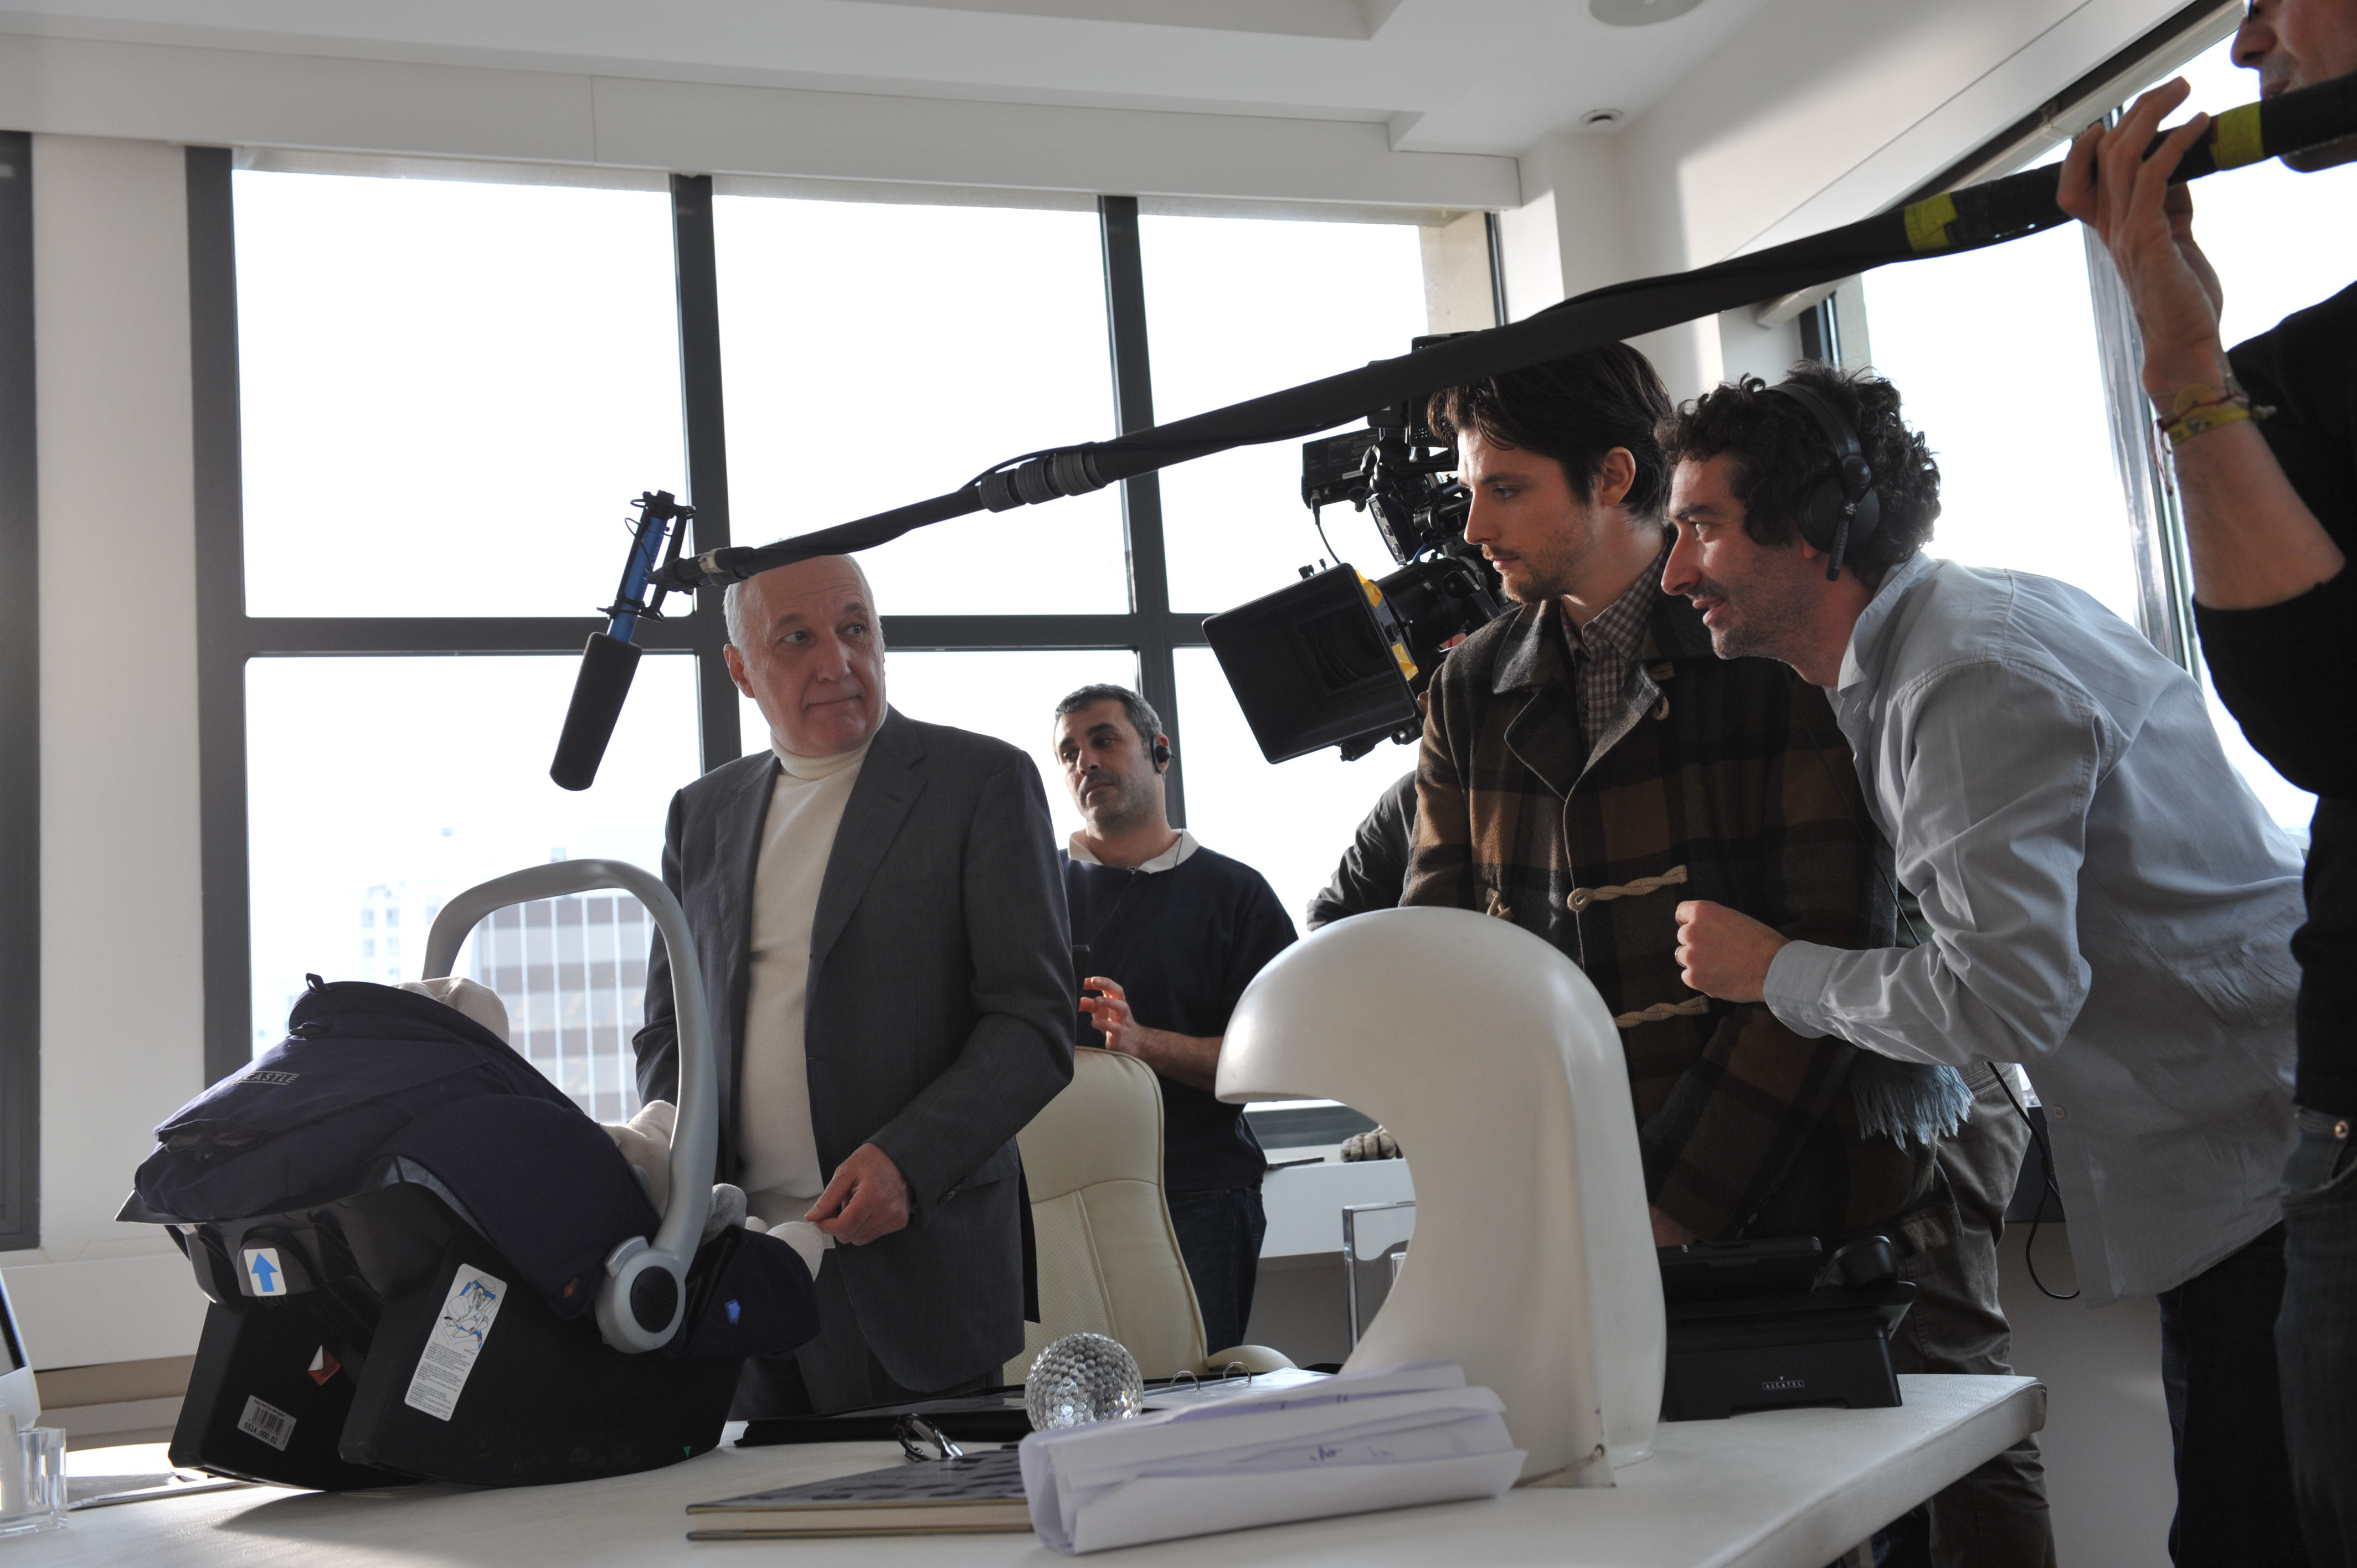 François Berléand, Raphaël Personnaz, and Clément Michel in La stratégie de la poussette (2012)